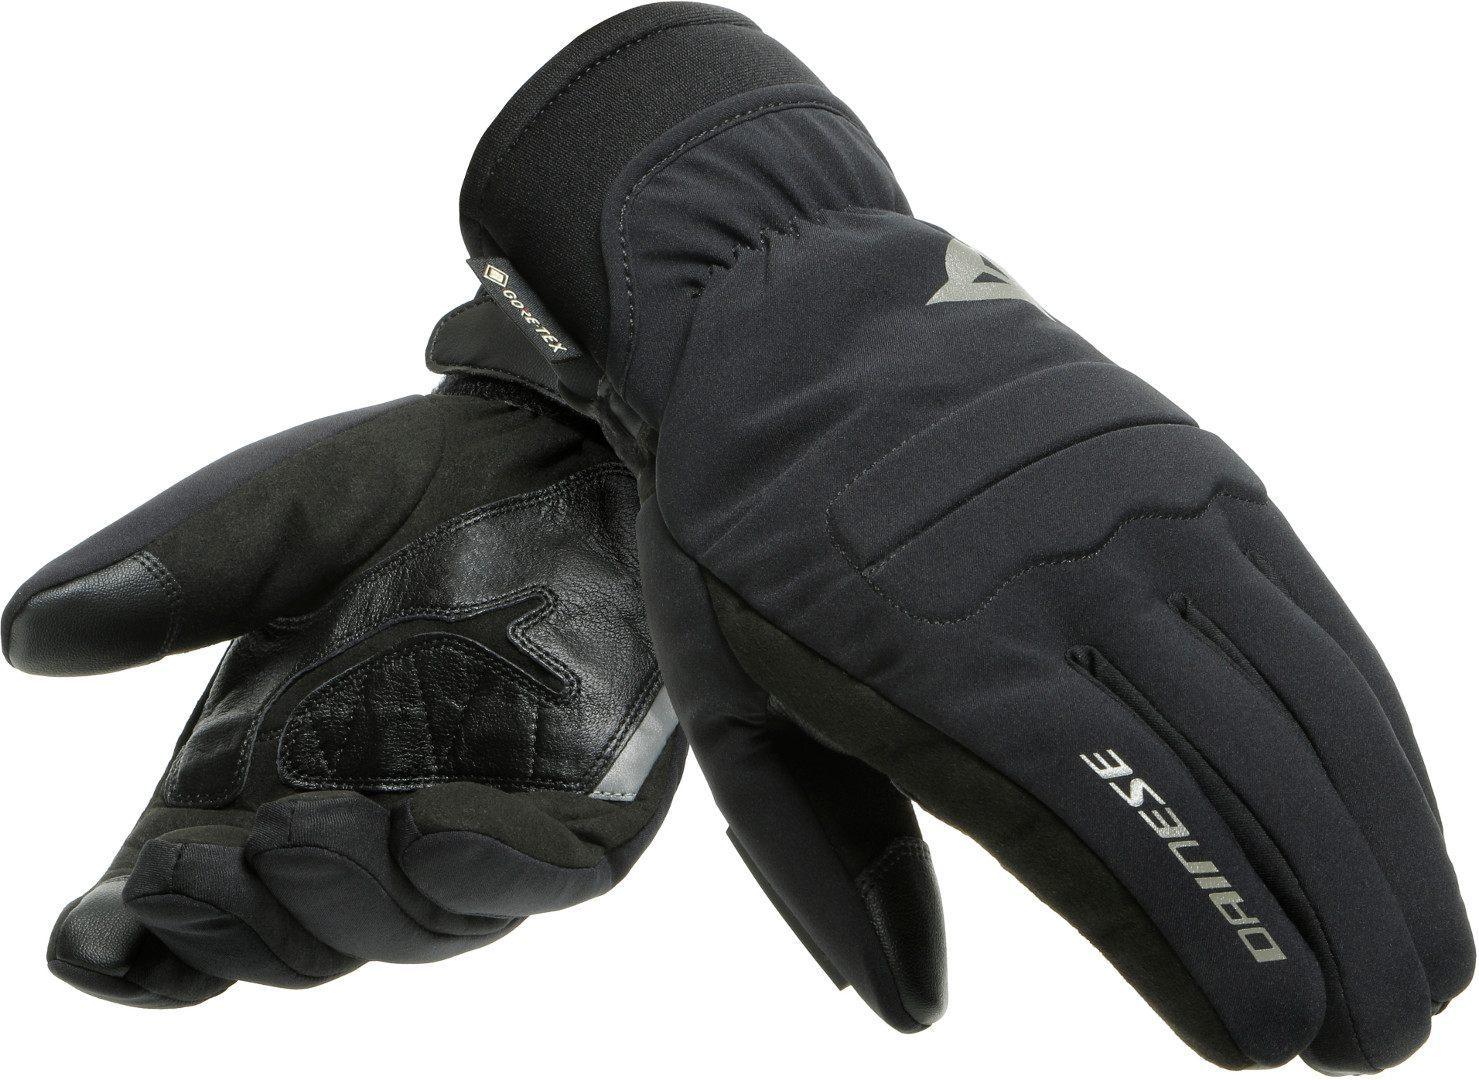 Dainese Como Gore-Tex Motorradhandschuhe, schwarz, Größe 3XL, schwarz, Größe 3XL